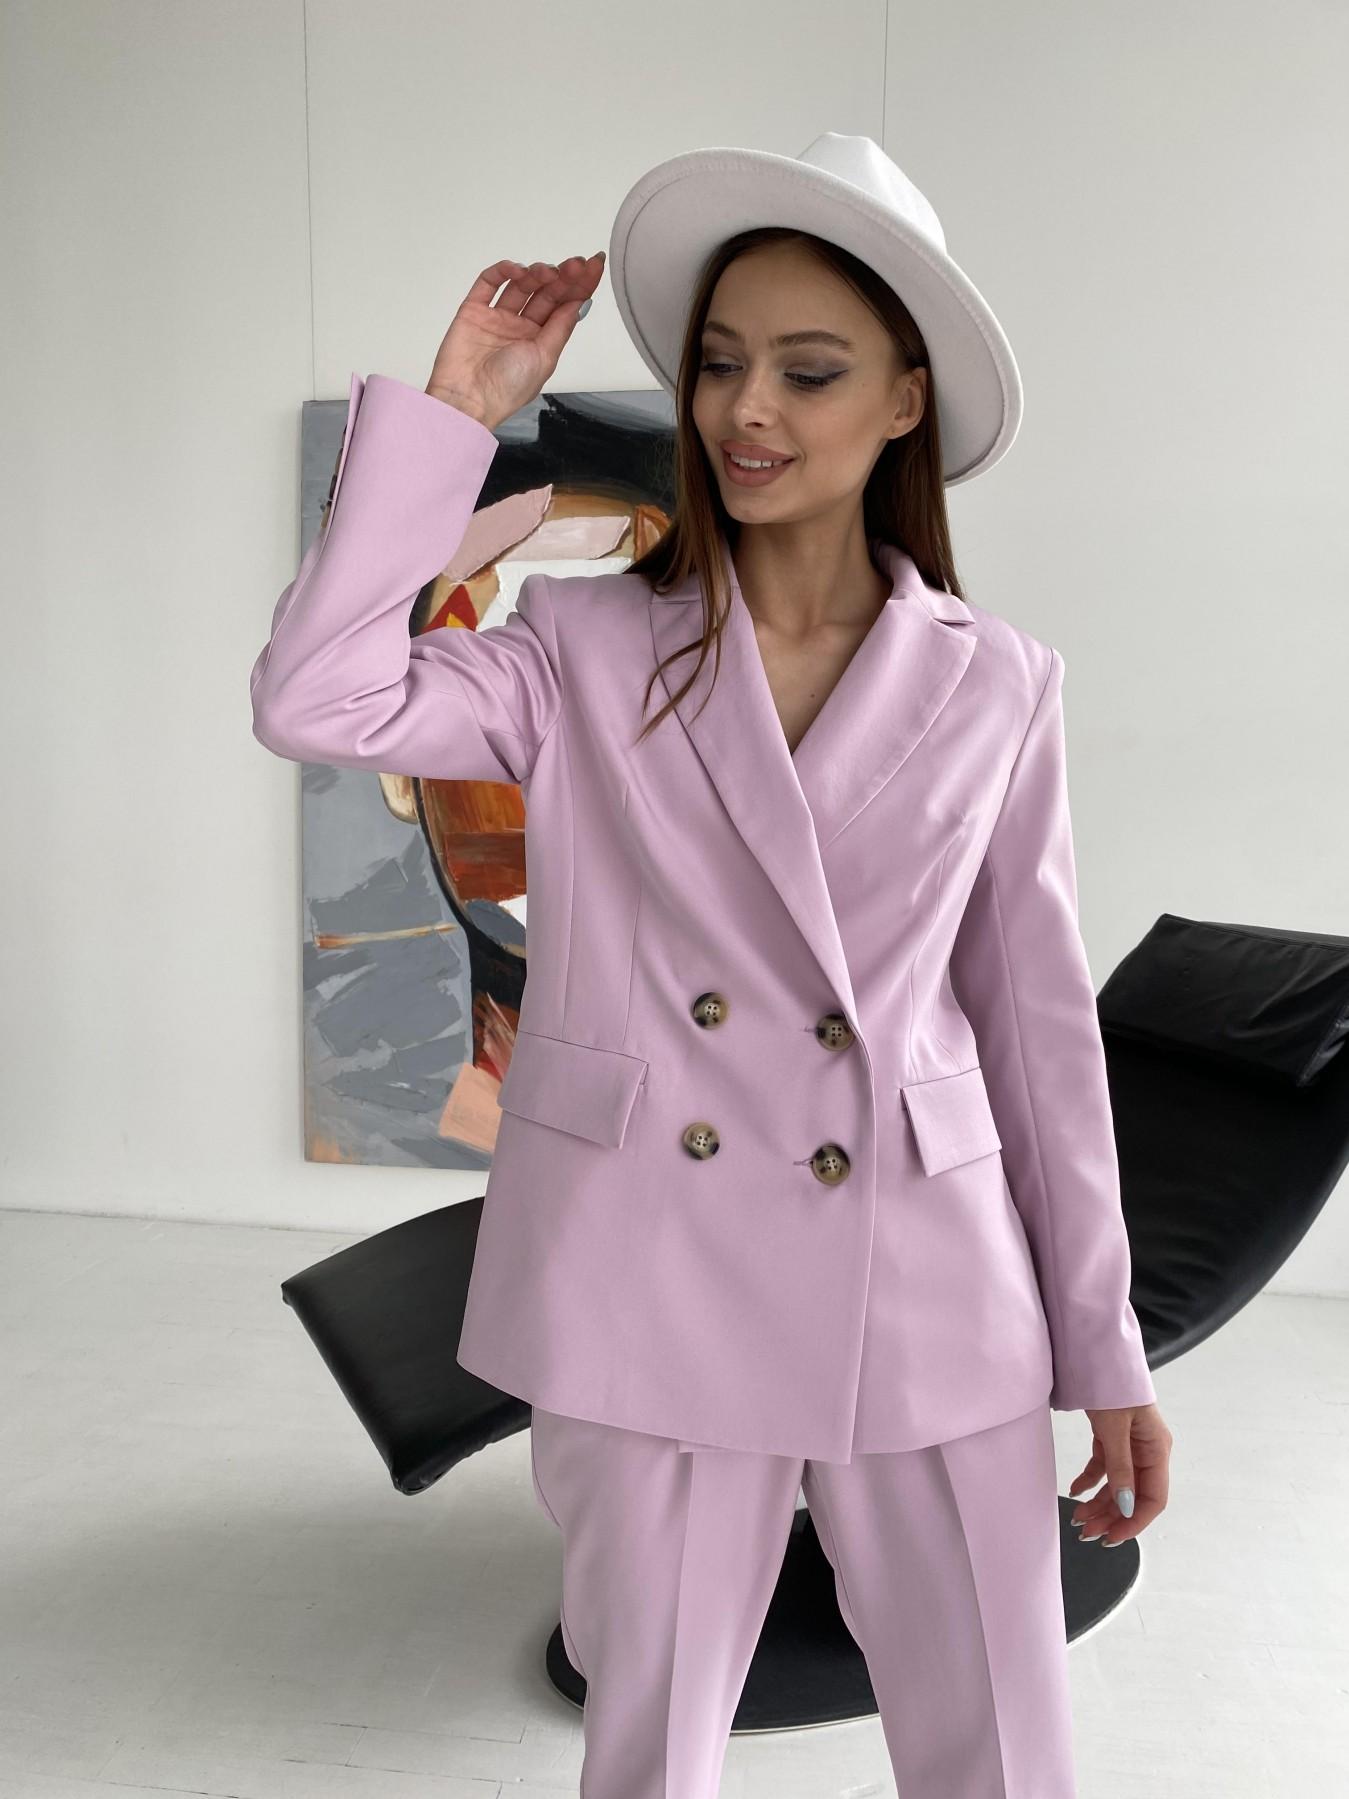 Франко костюм из костюмной ткани 11090 АРТ. 47797 Цвет: Пудра - фото 9, интернет магазин tm-modus.ru